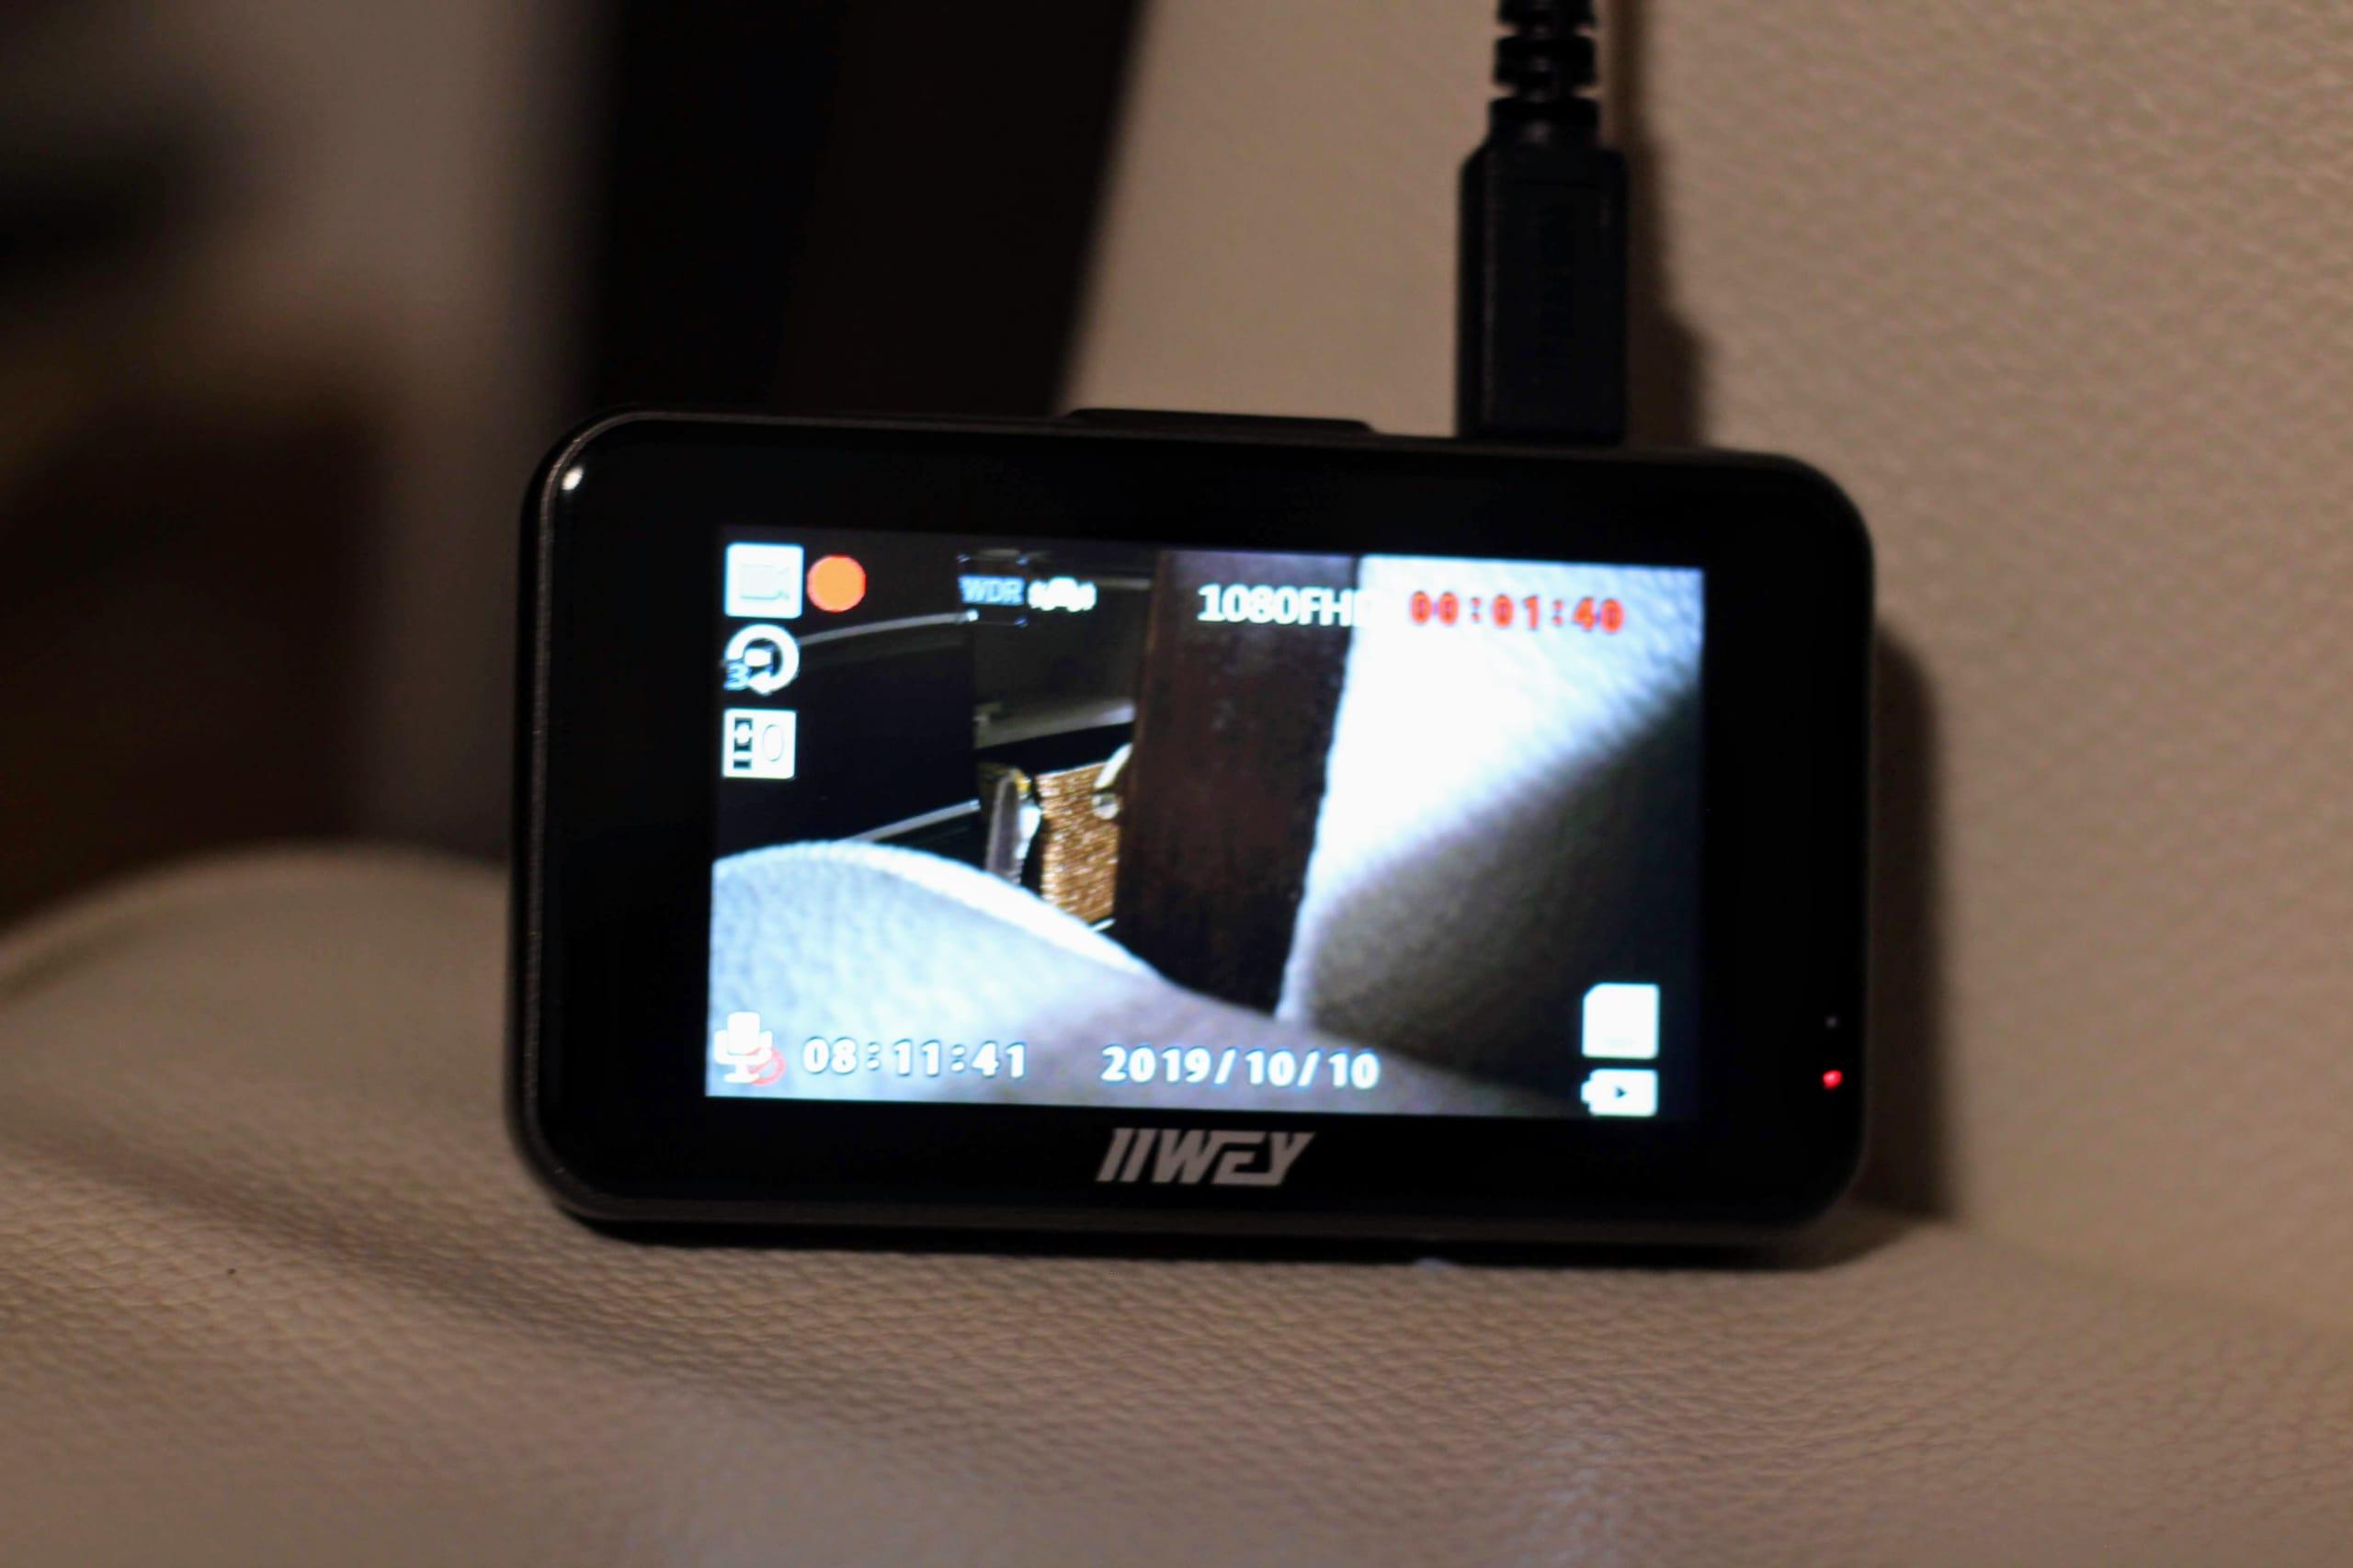 USB給電で起動したドライブレコーダー